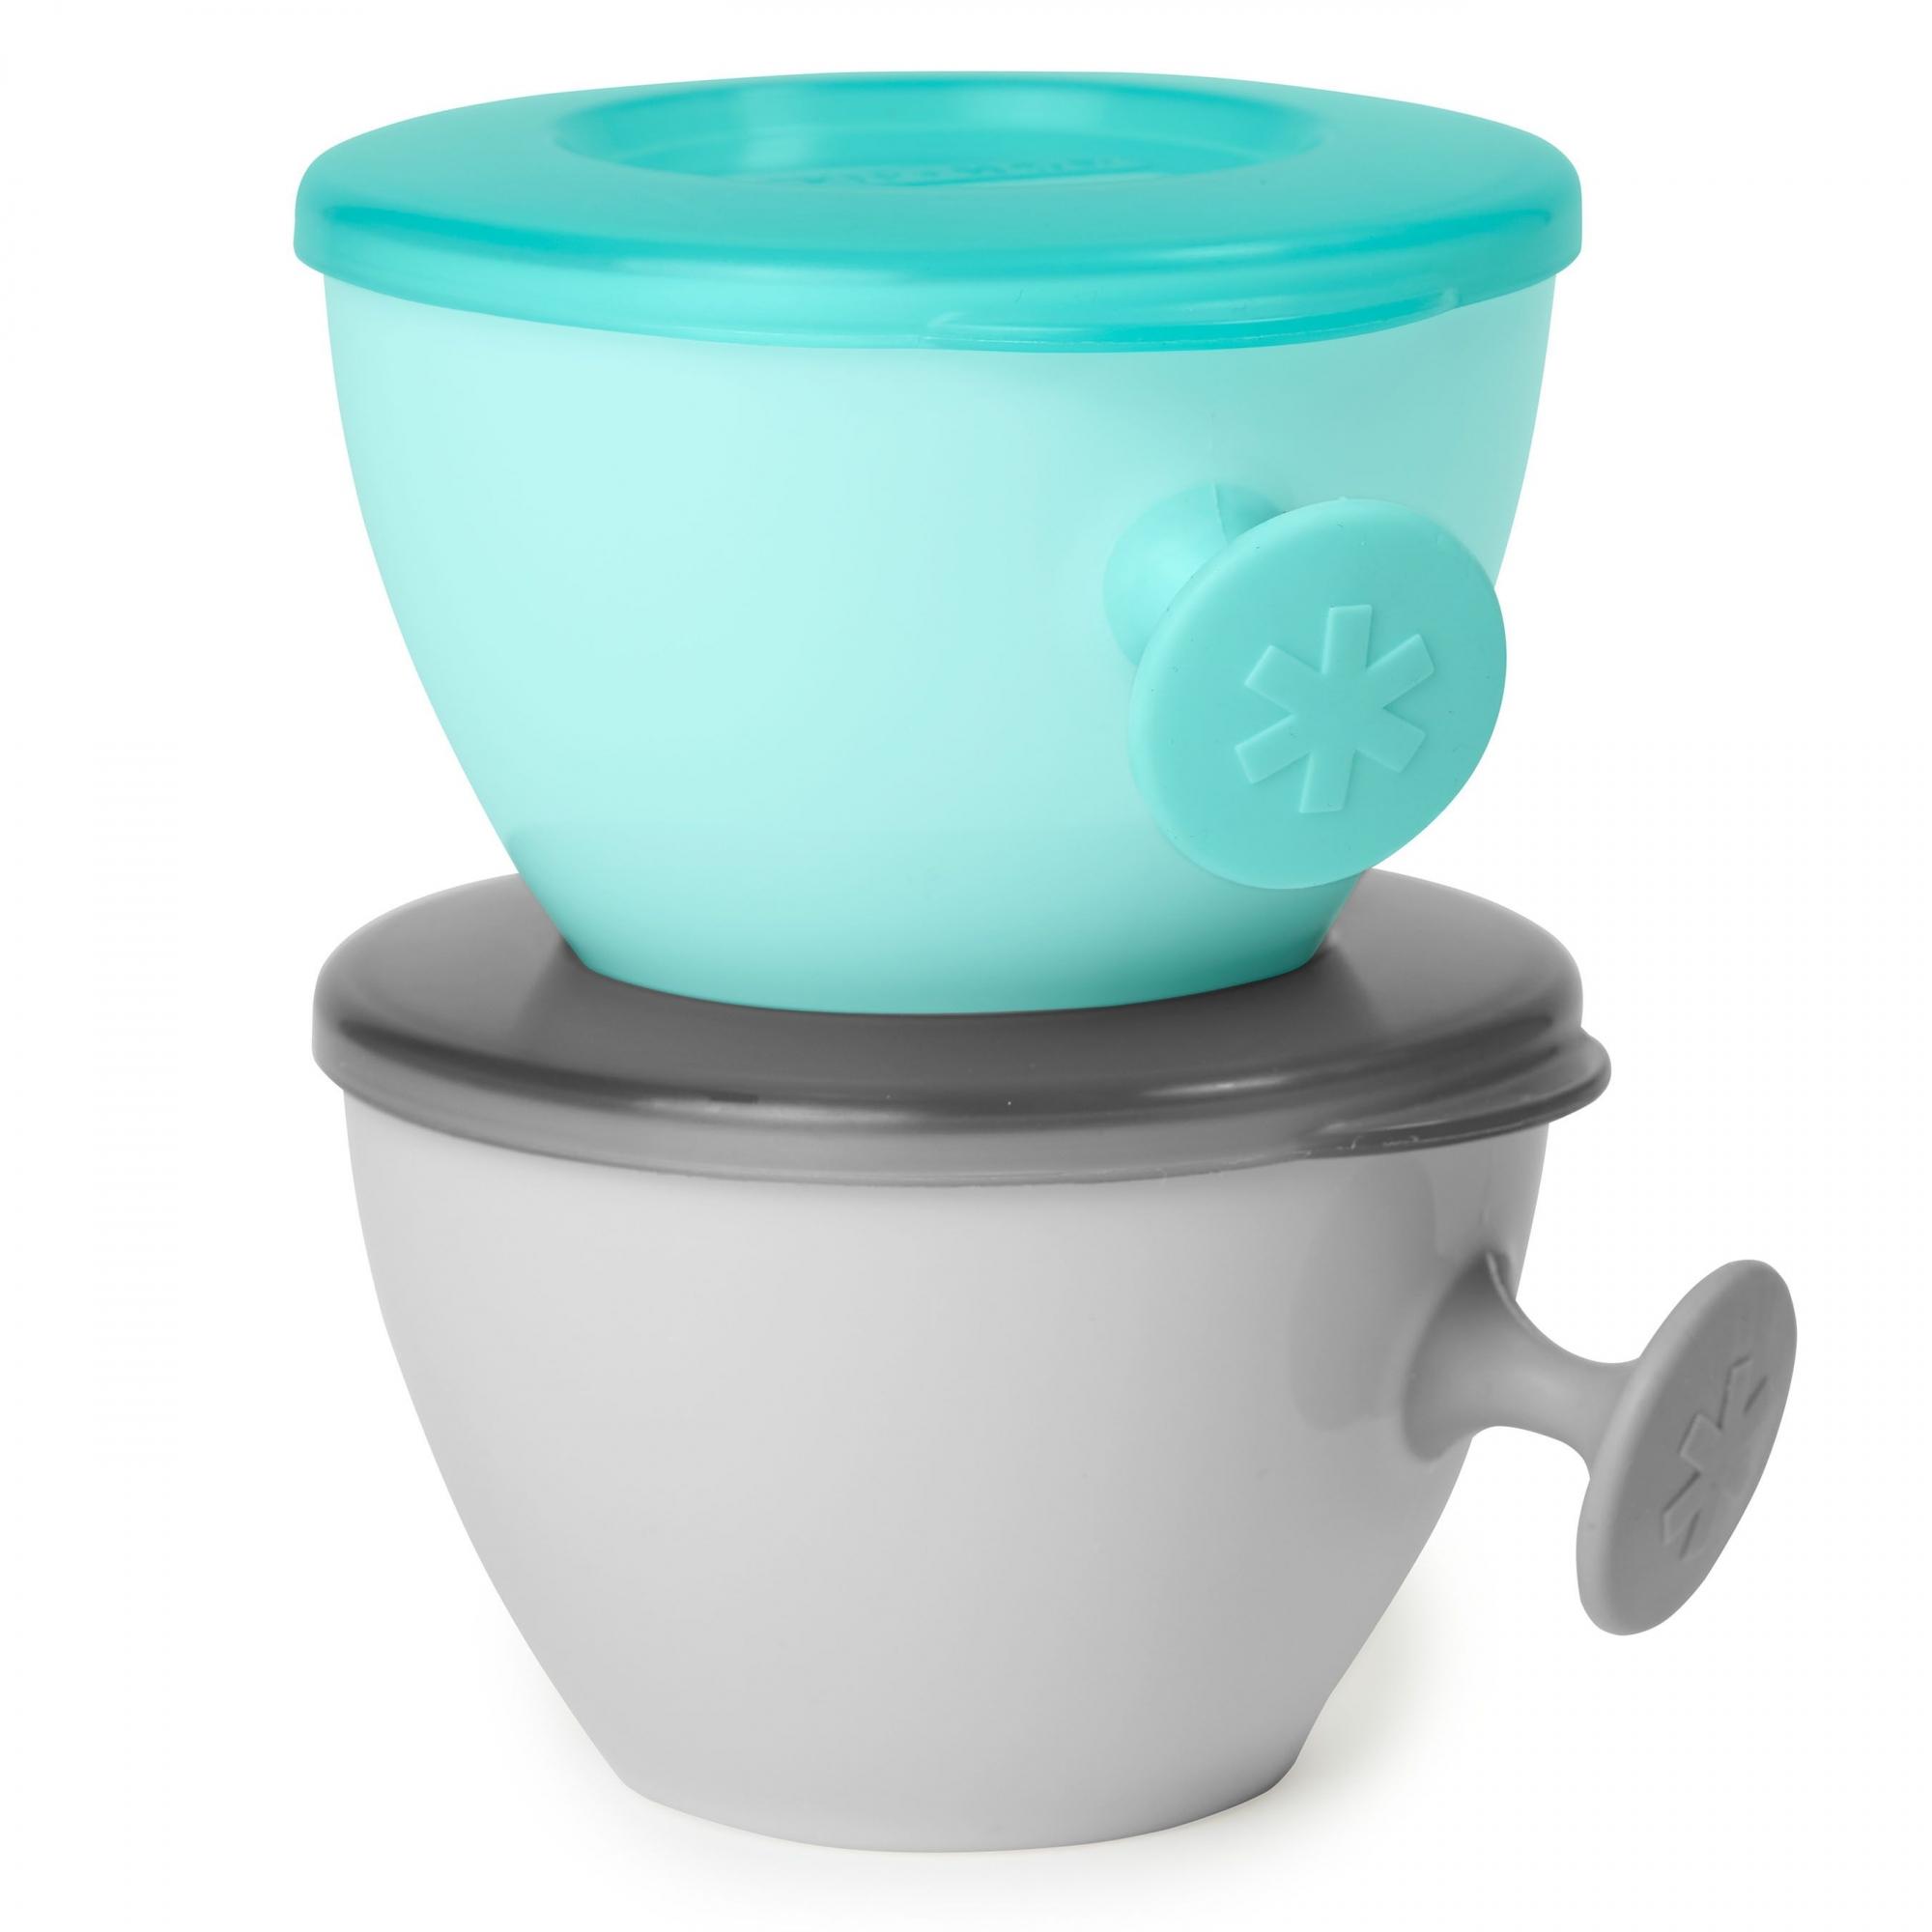 Kit Bowl Easy-Grab Cinza e Azul Tiffany - Skip Hop